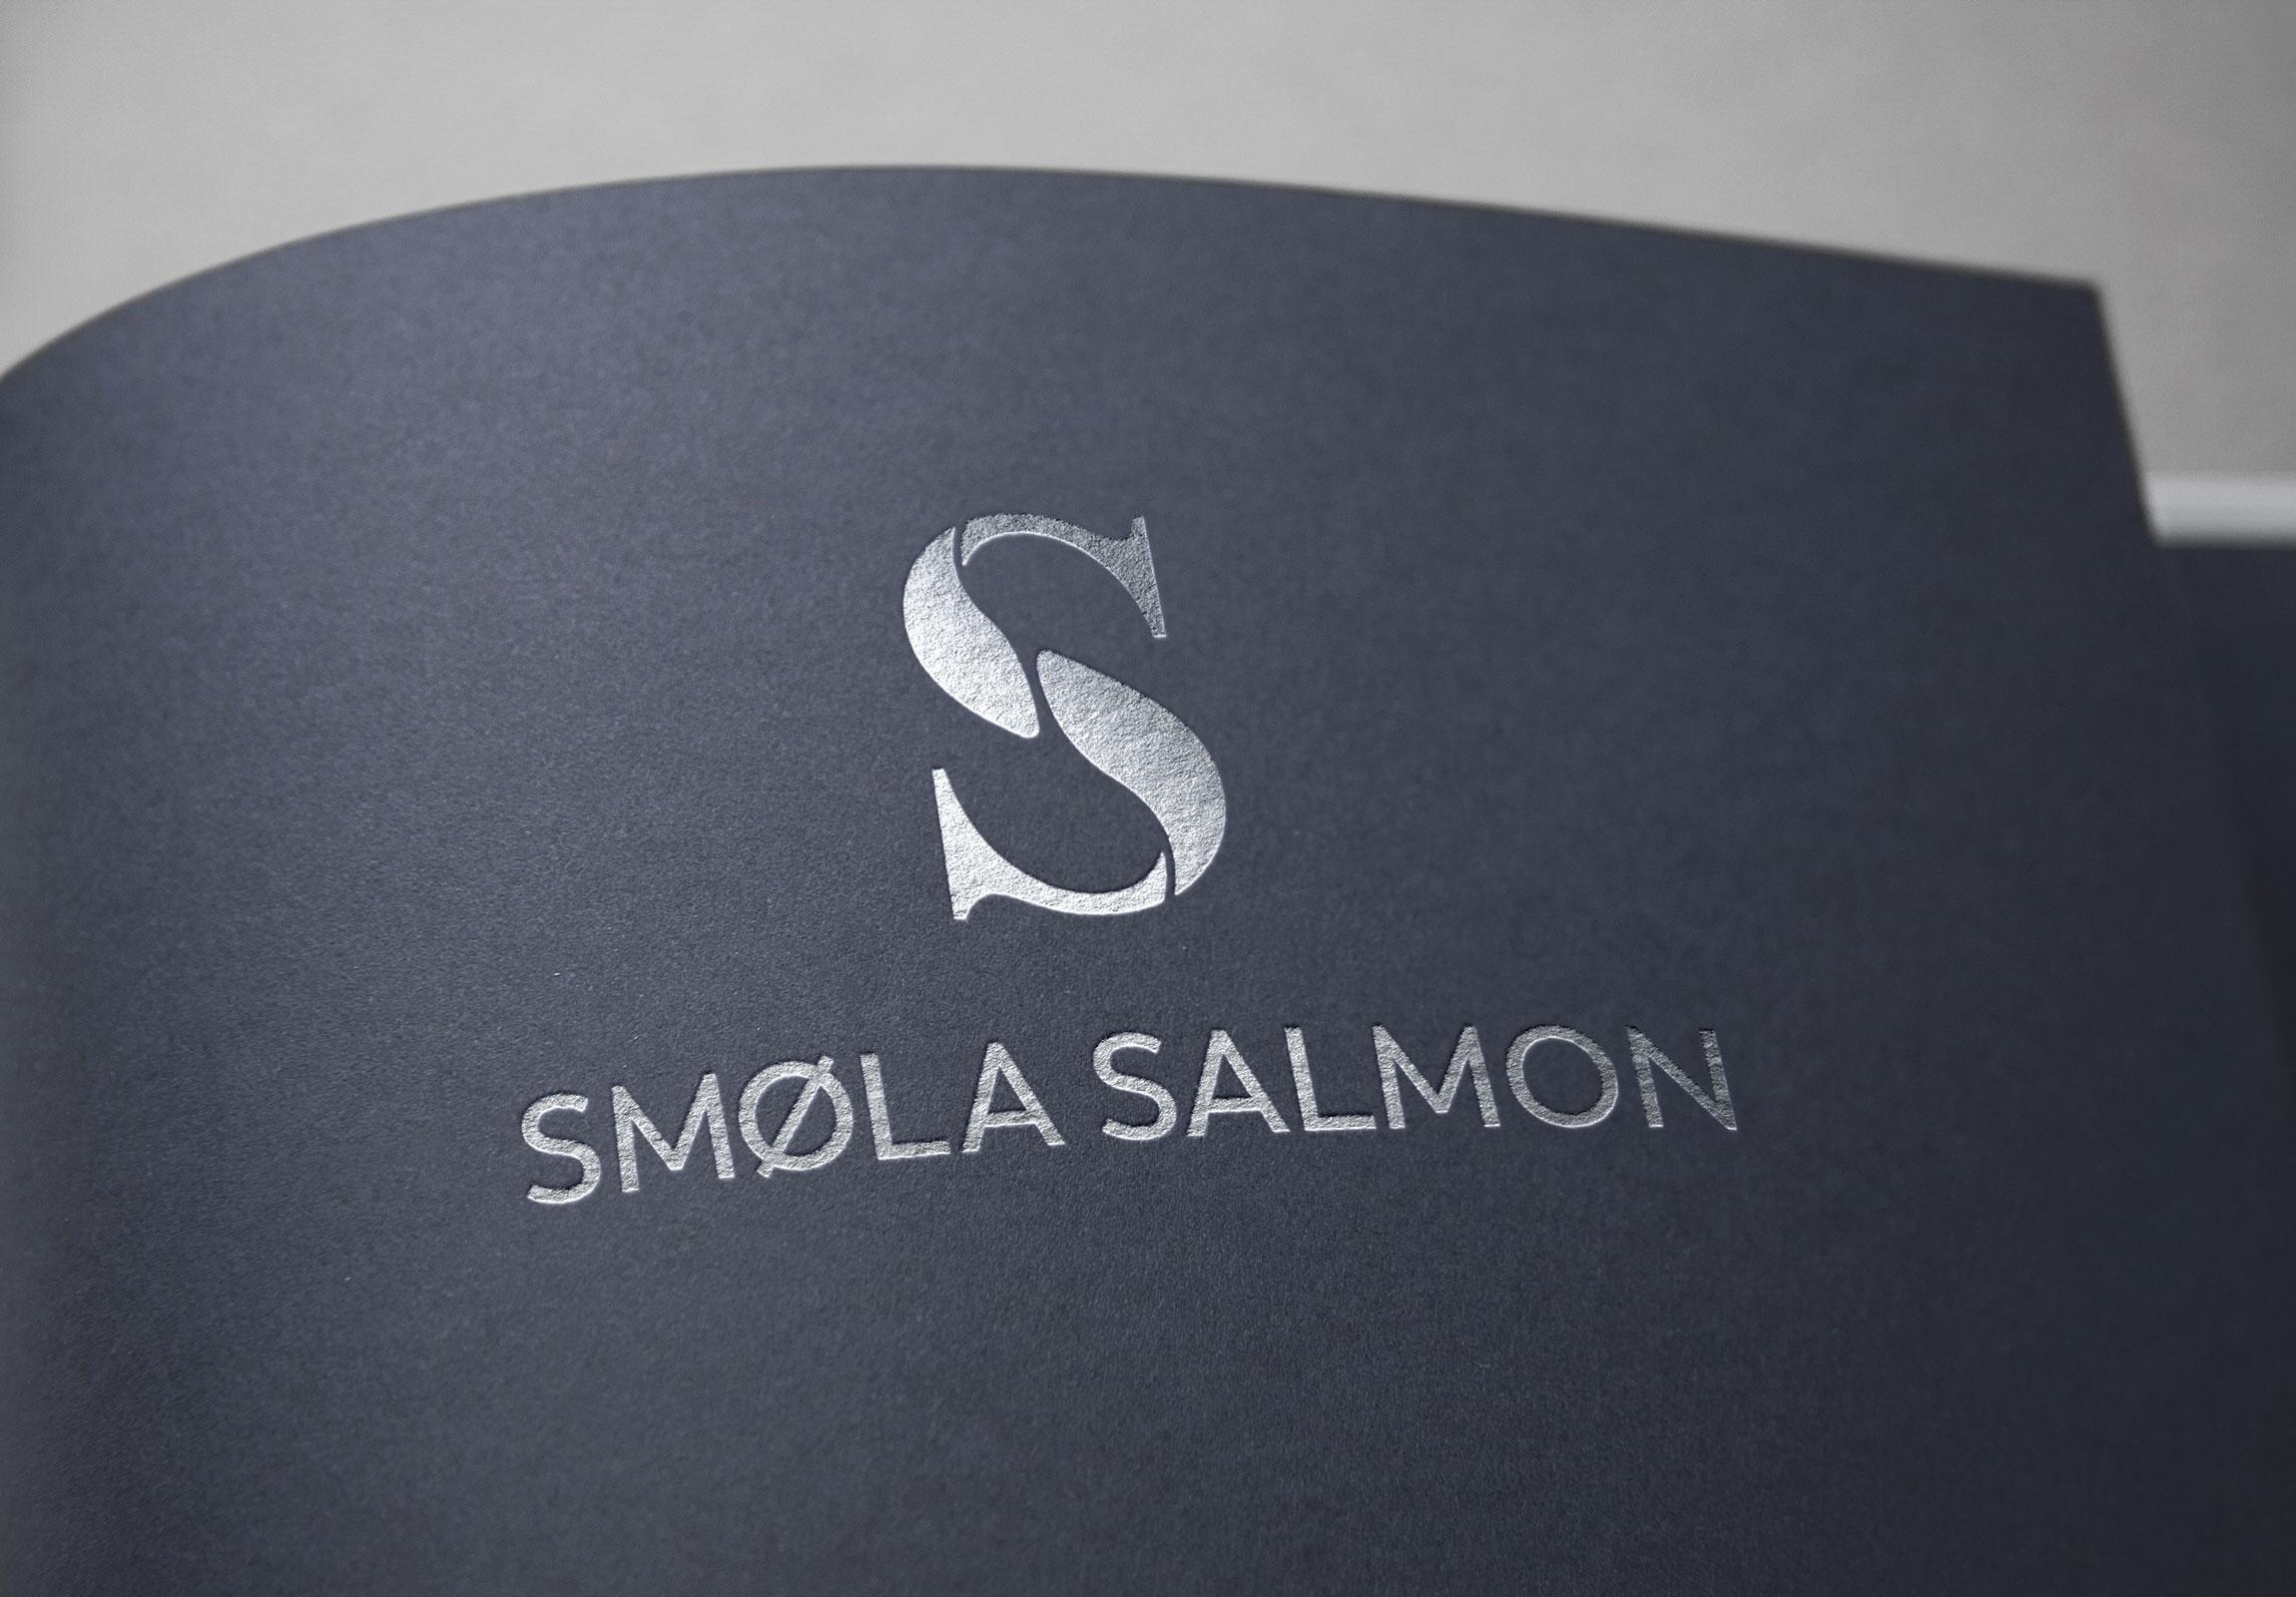 Smøla Salmon